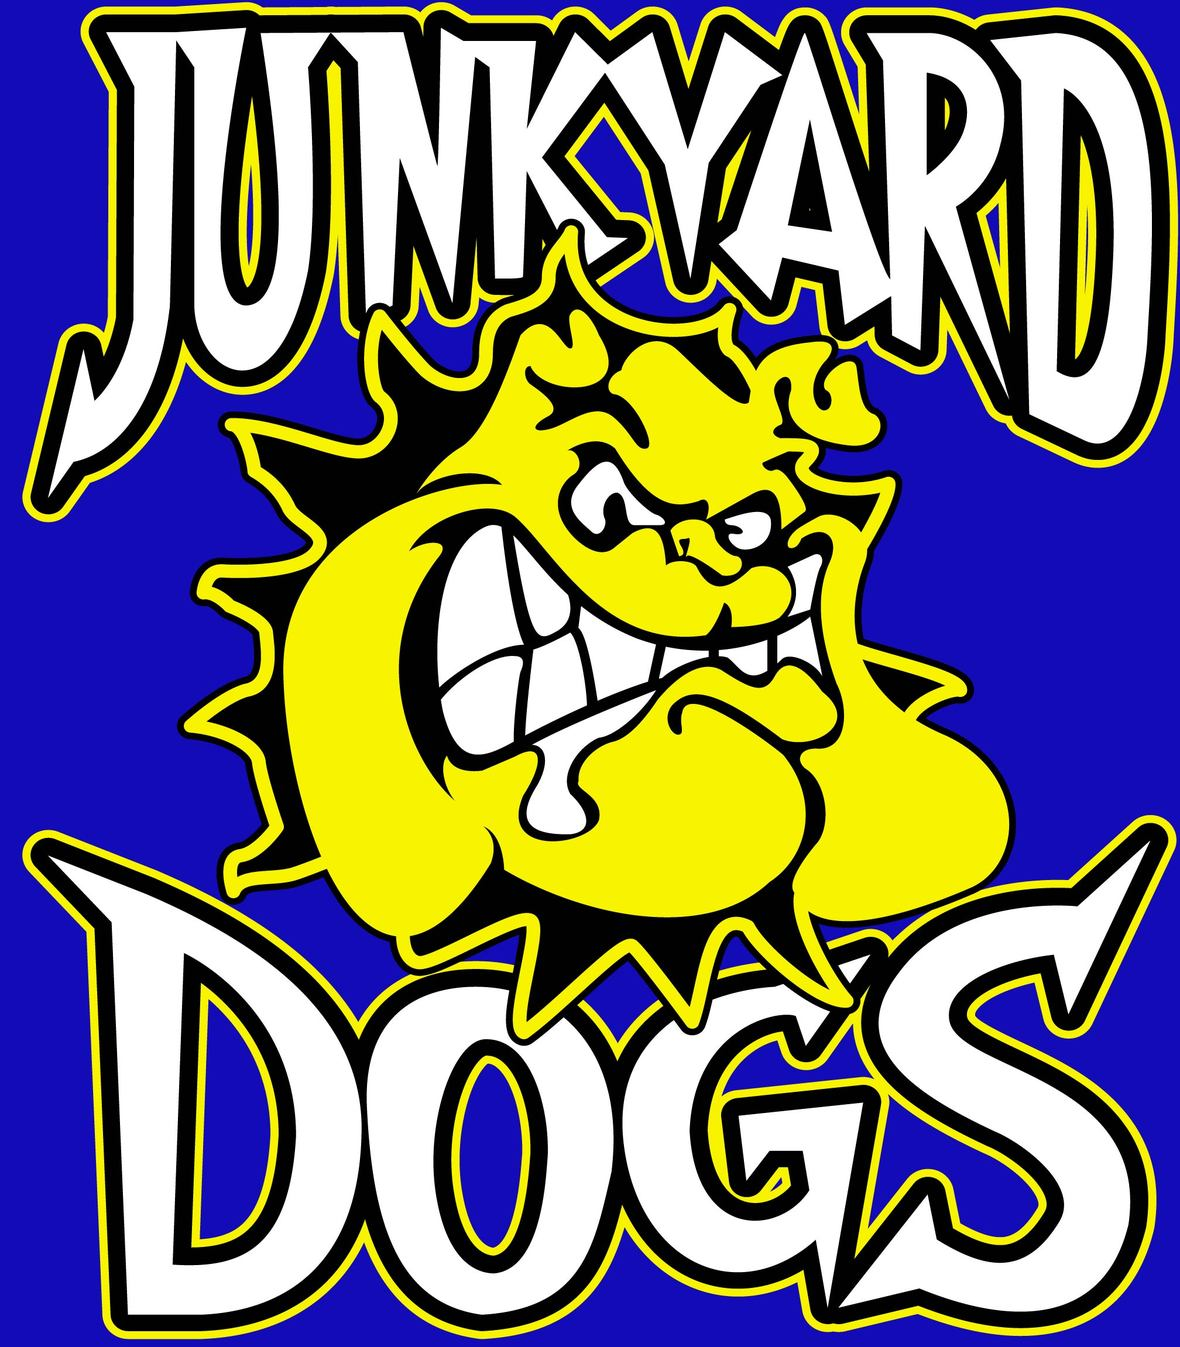 Vintage Junkyard Dog 2015